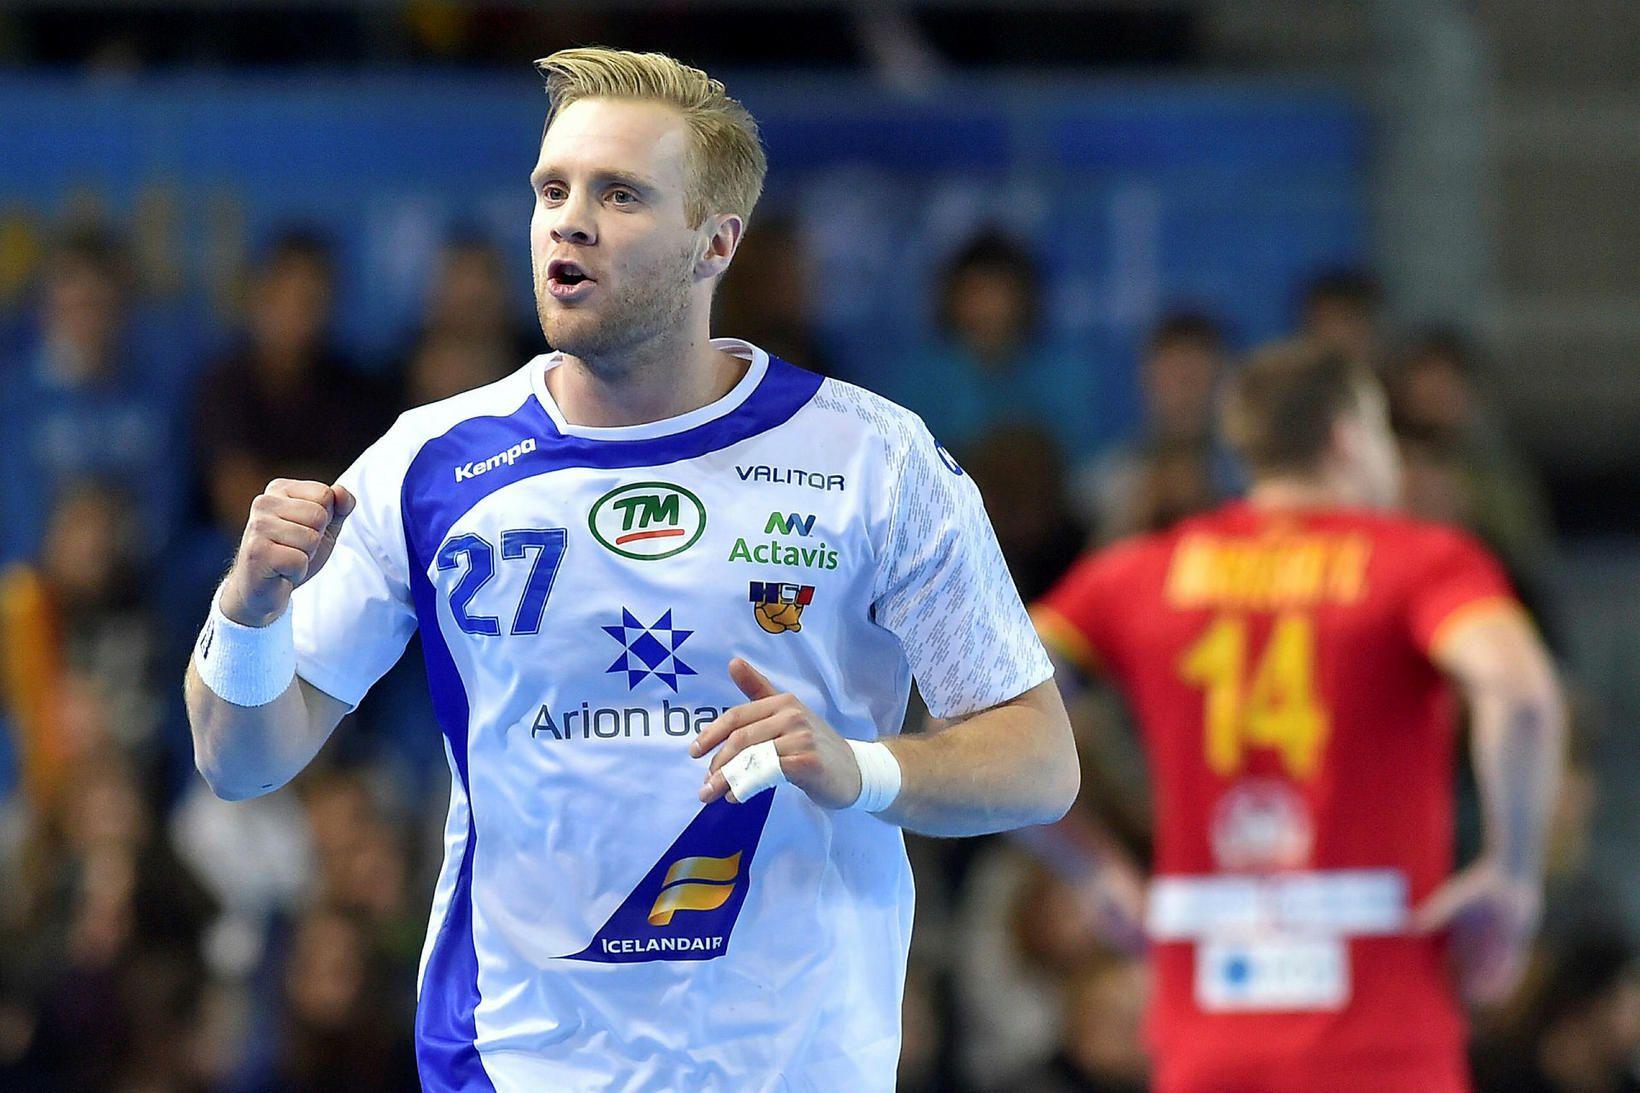 Gunnar Steinn Jónsson skoraði fjögur mörk fyrir Ribe-Esbjerg.